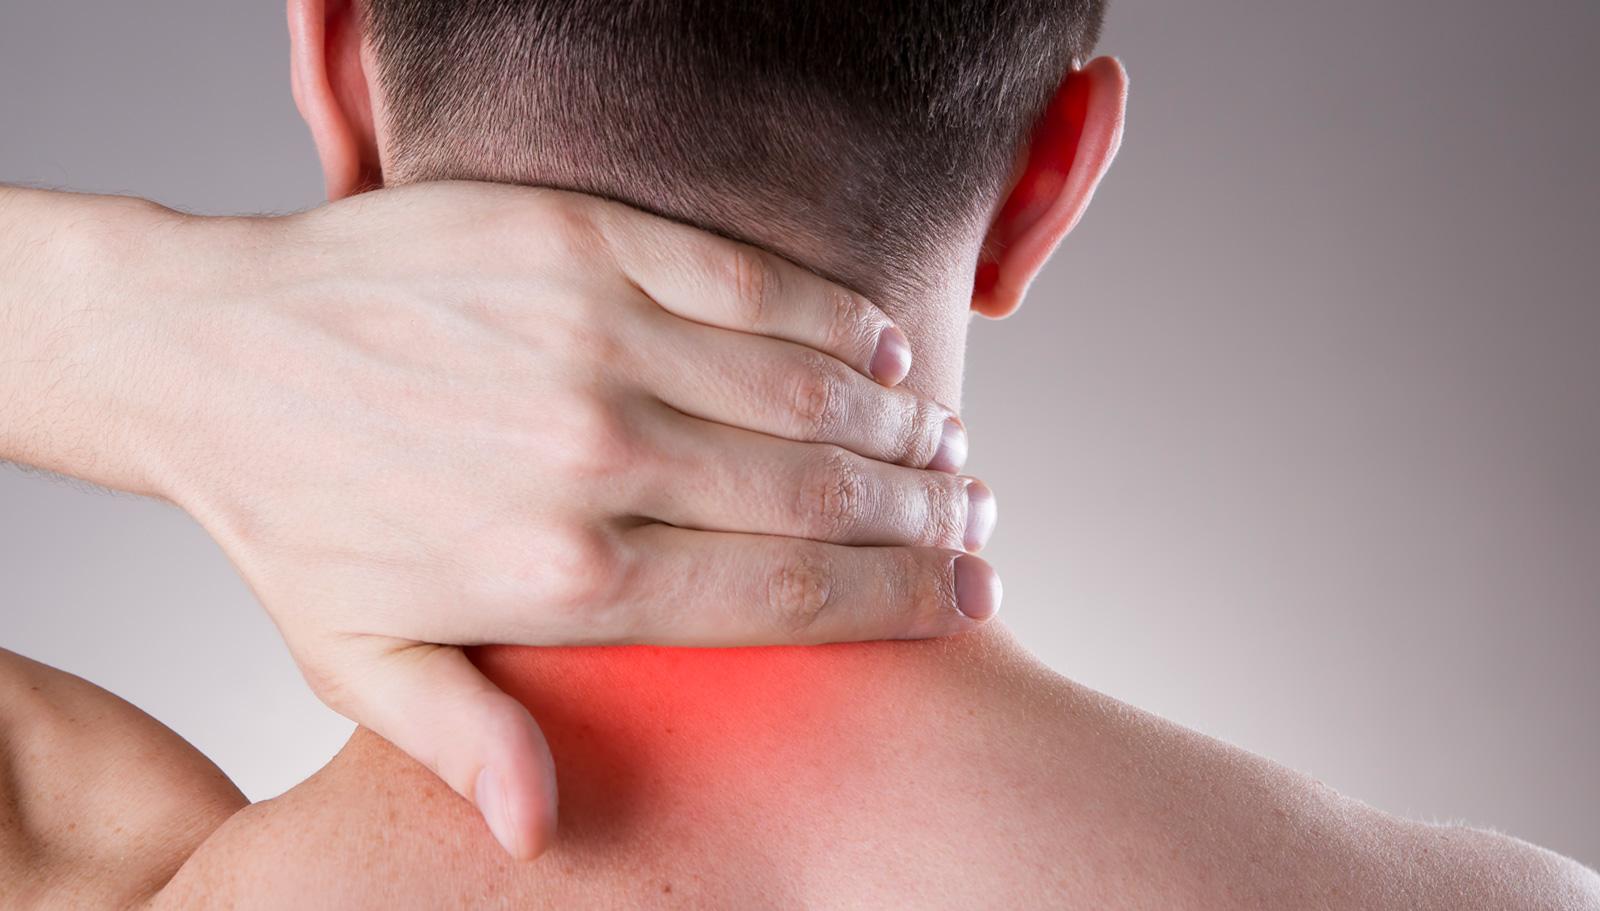 remediu pentru osteochondroza gâtului